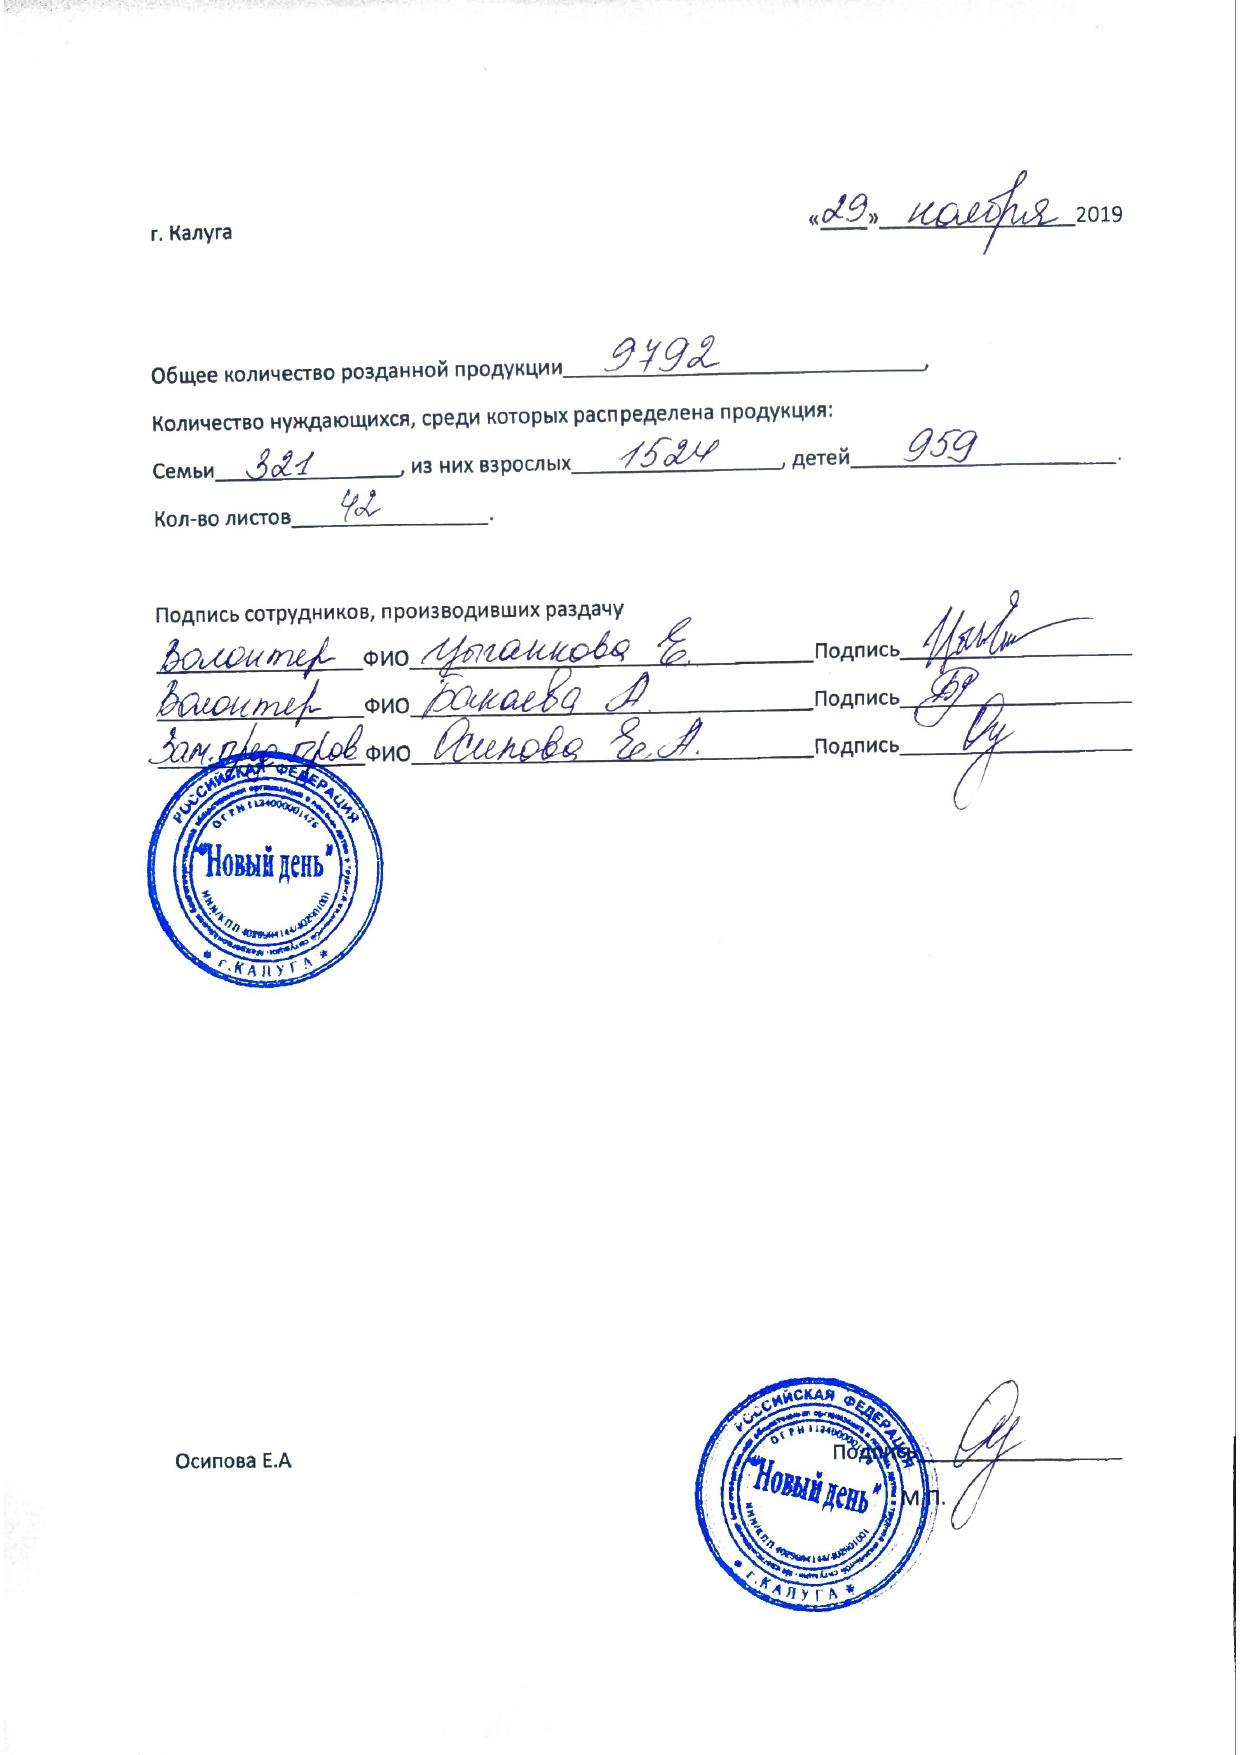 Молочка кол-во 29.11.2019